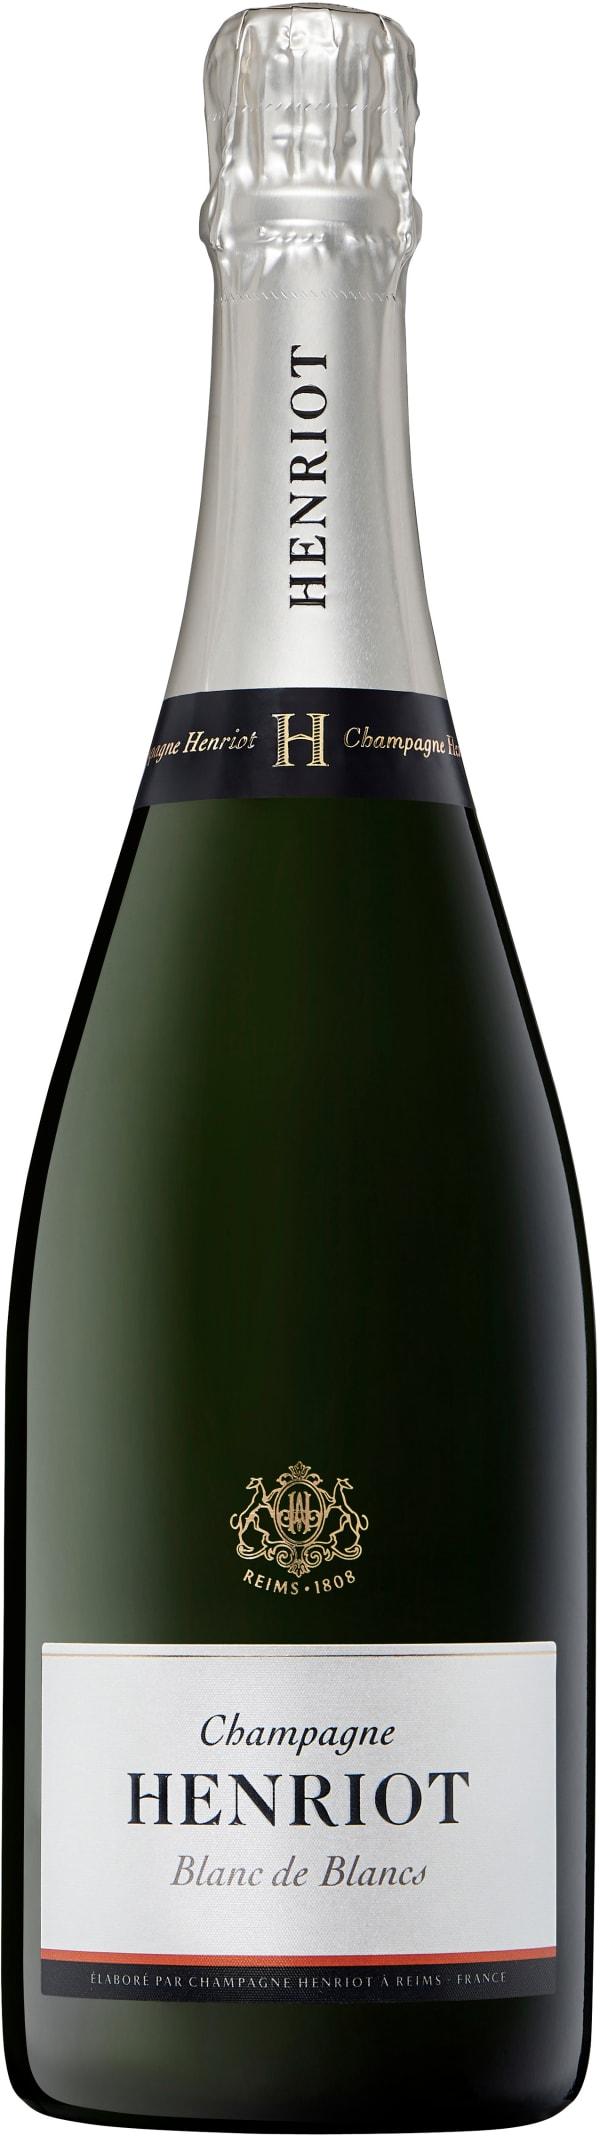 Henriot Blanc de Blancs Champagne Brut